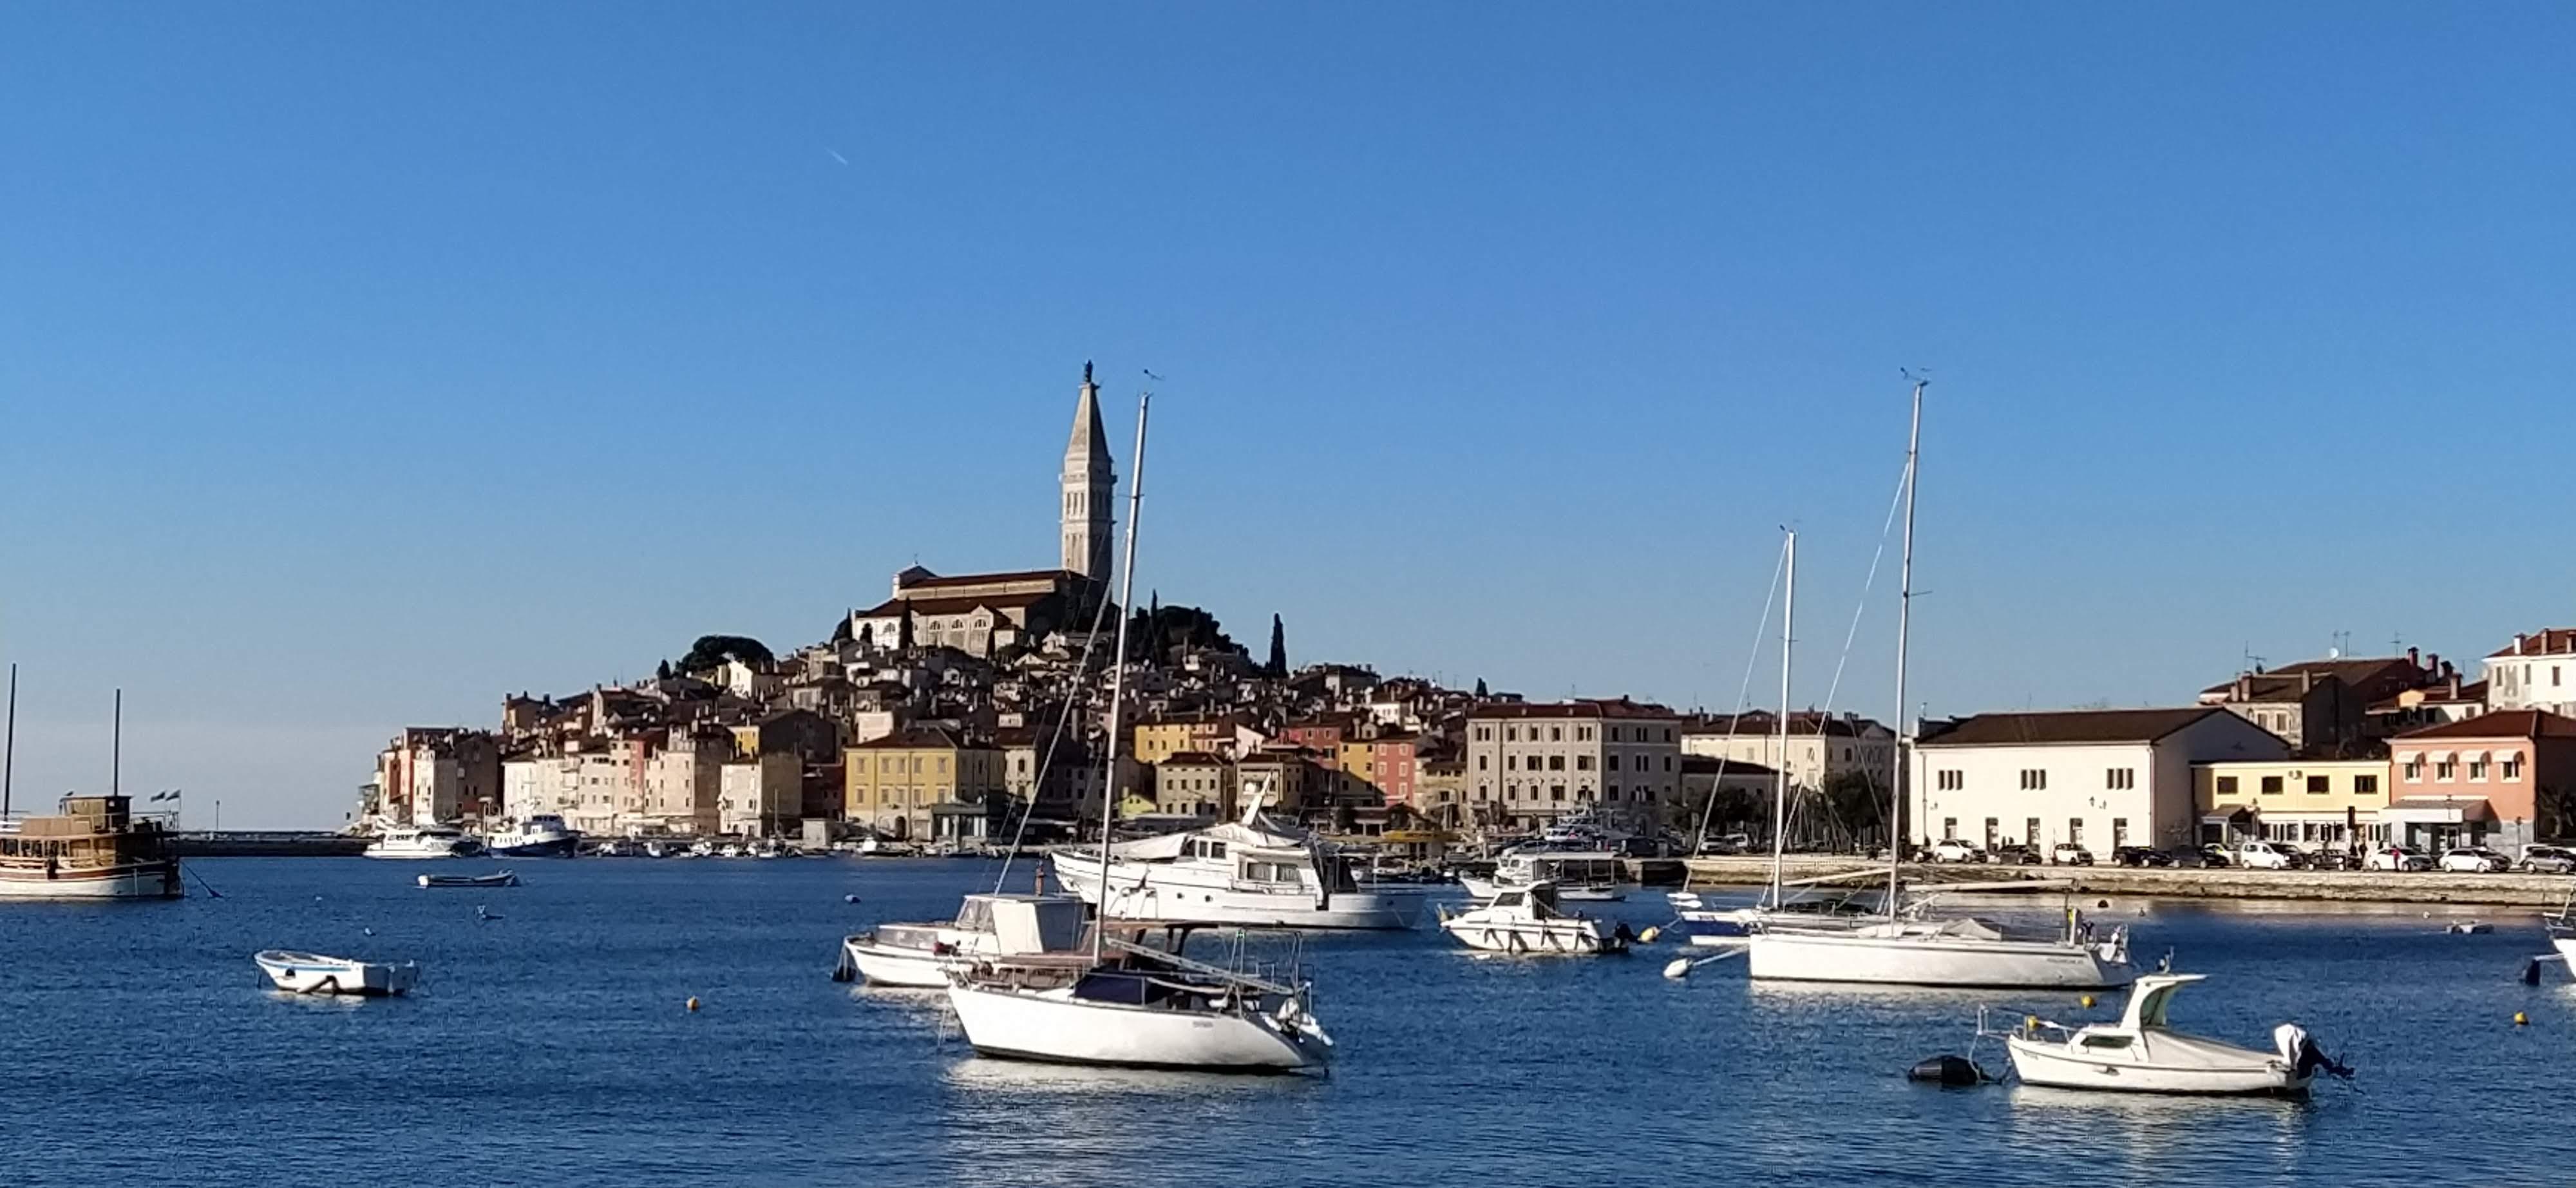 Rovinj eines der schönsten Städte Istriens